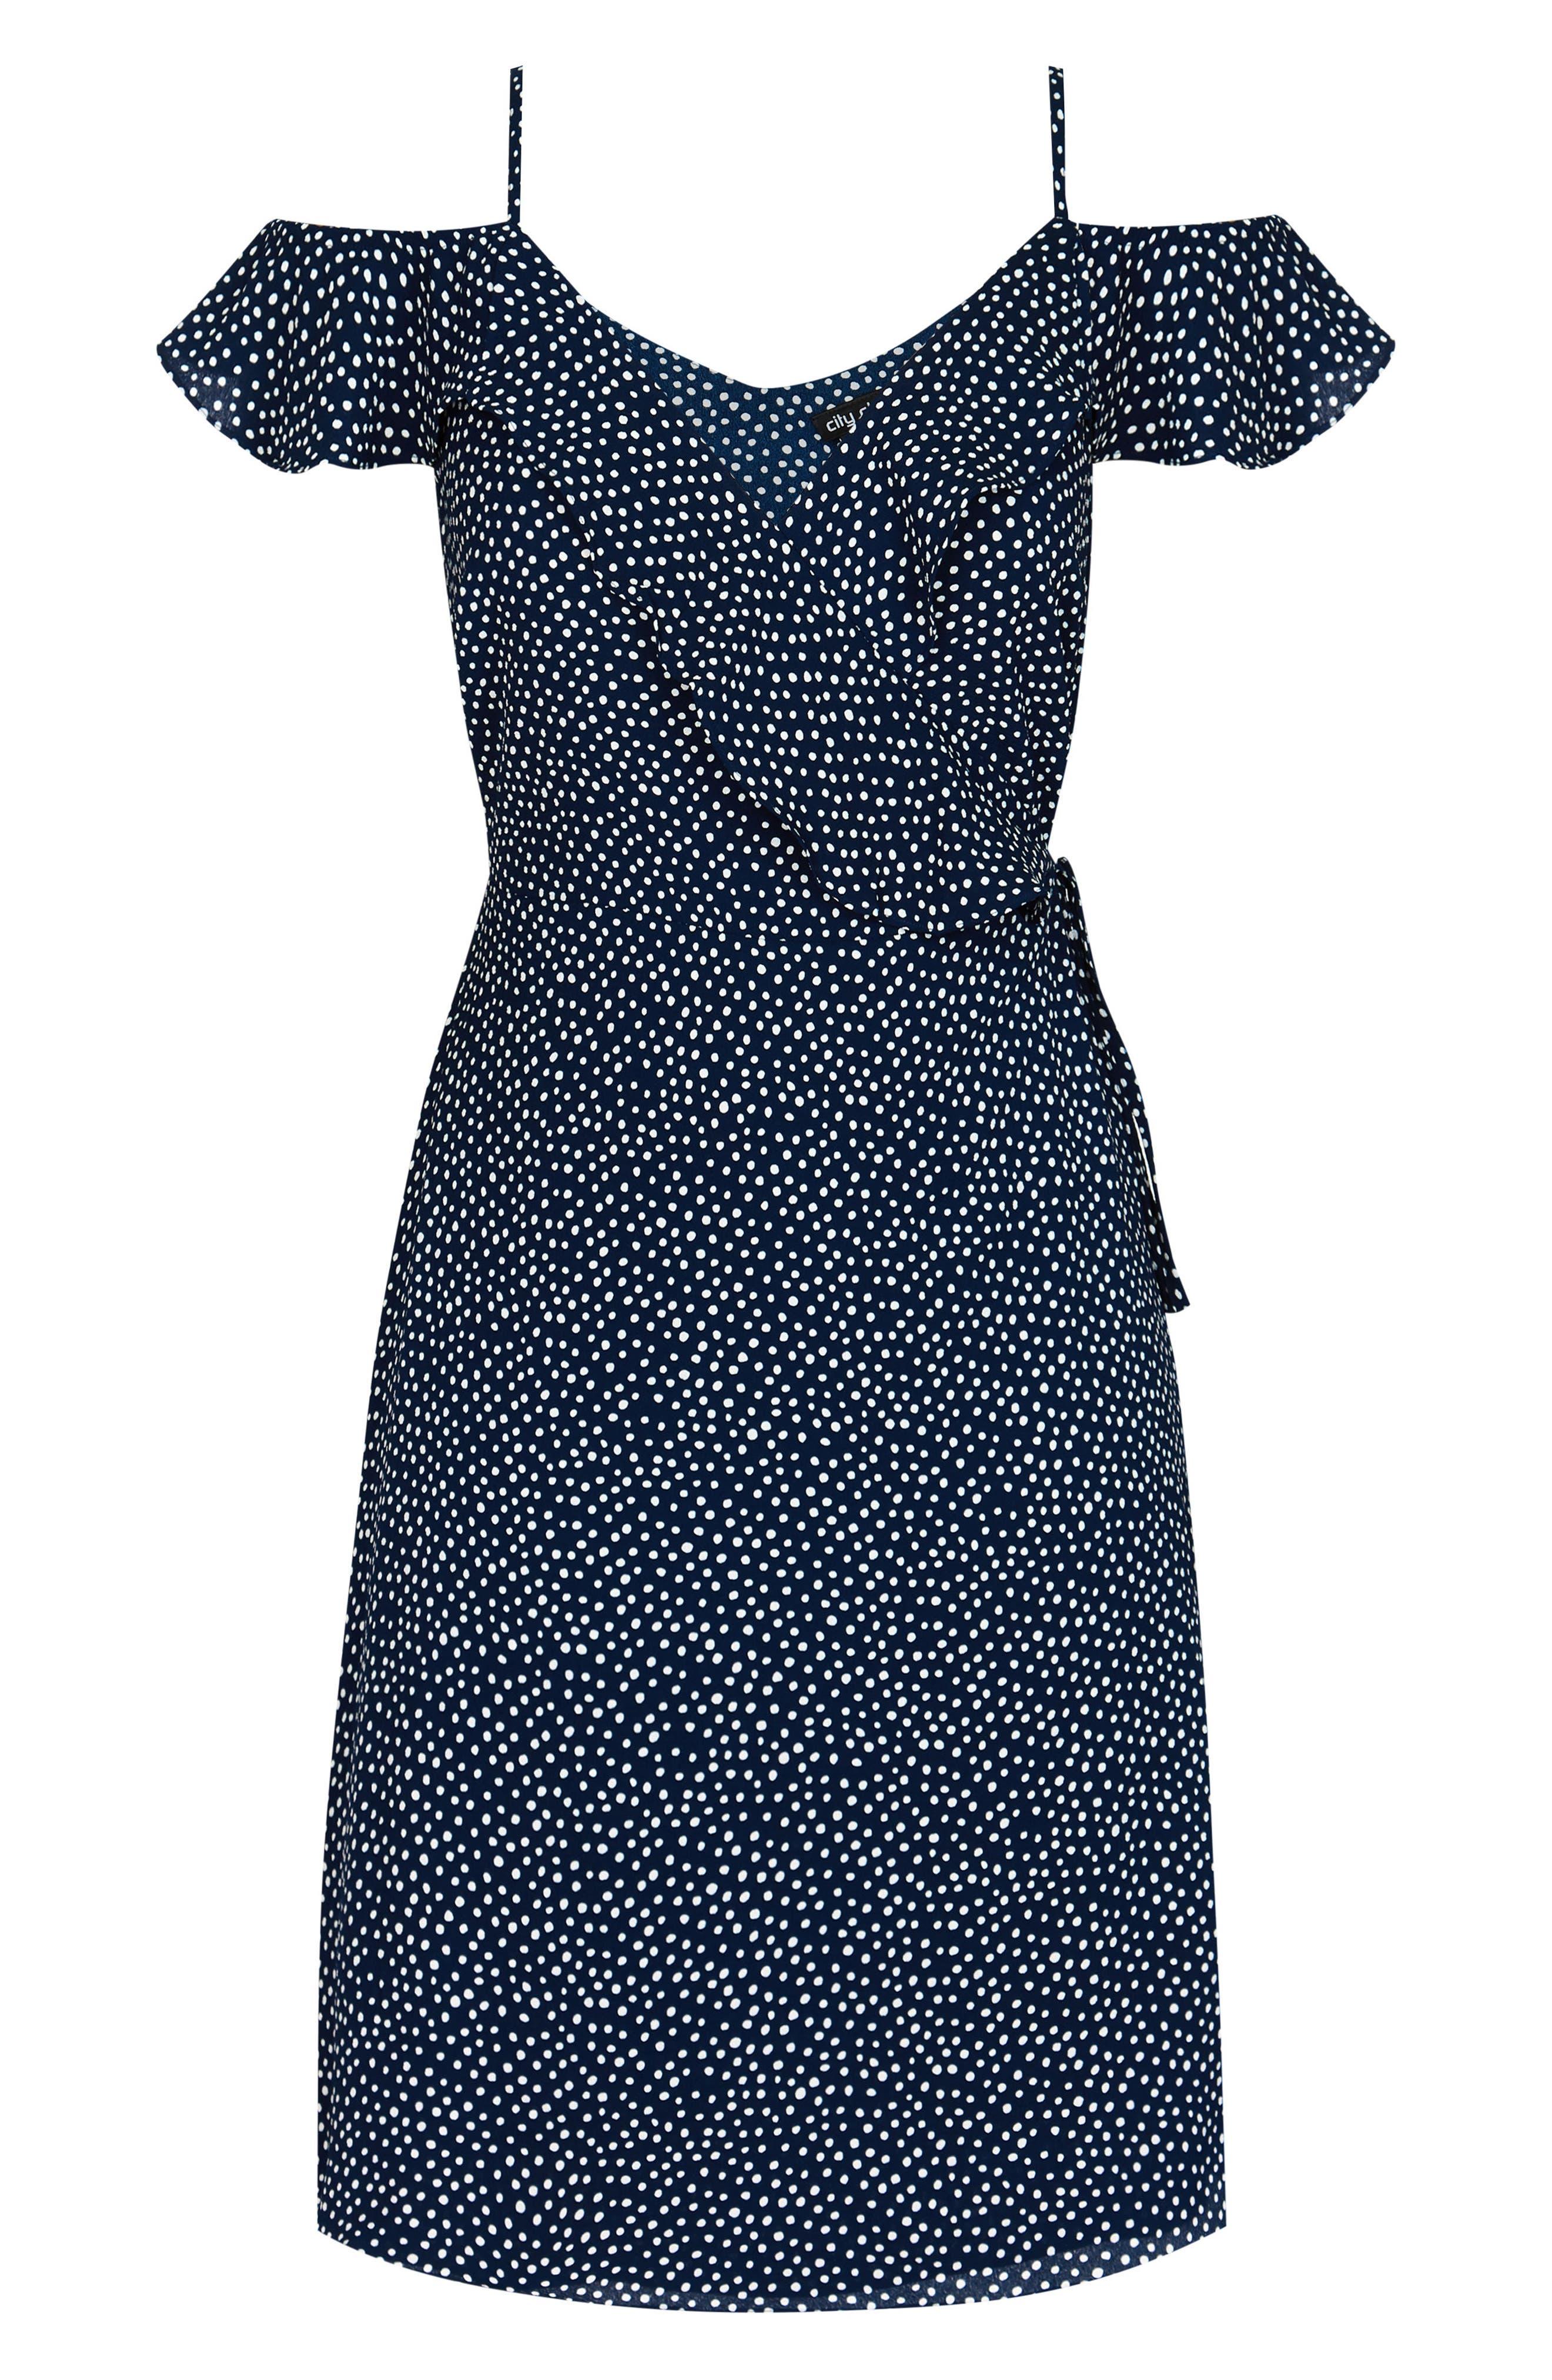 Spot Cold Shoulder Wrap Dress,                             Alternate thumbnail 3, color,                             NAVY SPOT